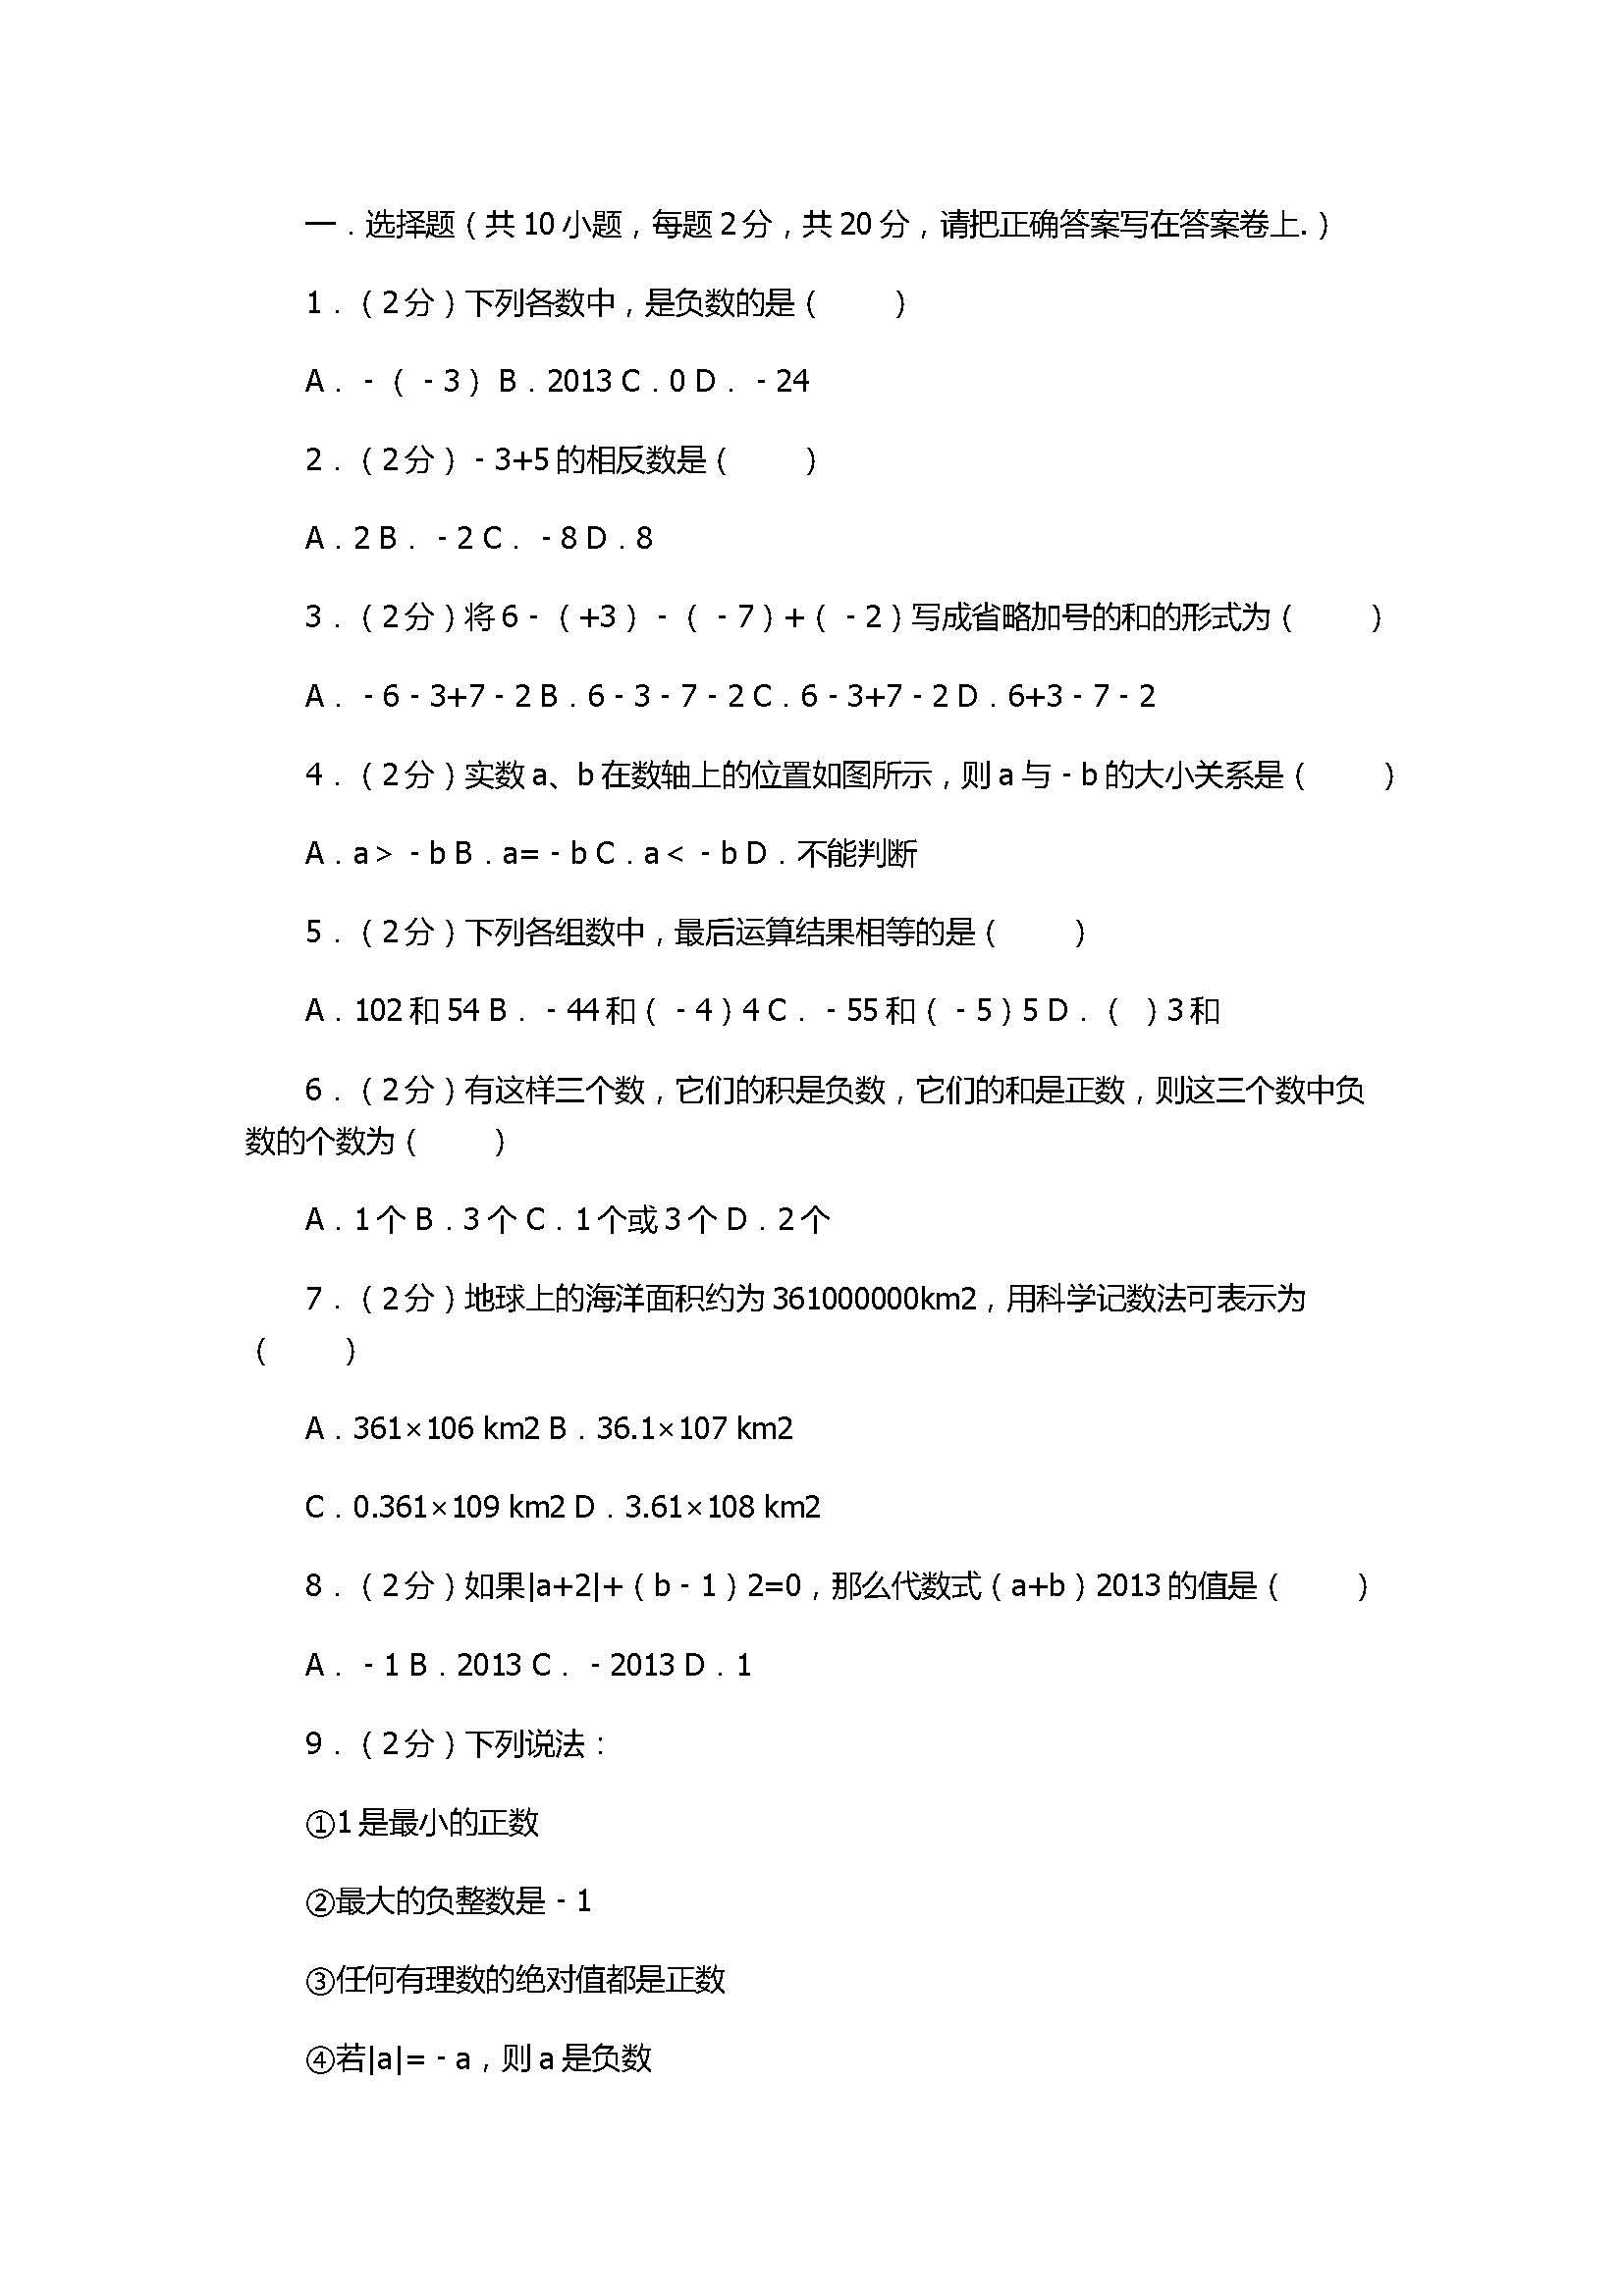 2017七年级数学上册月考测试卷含答案和解释(江苏省宜兴市)